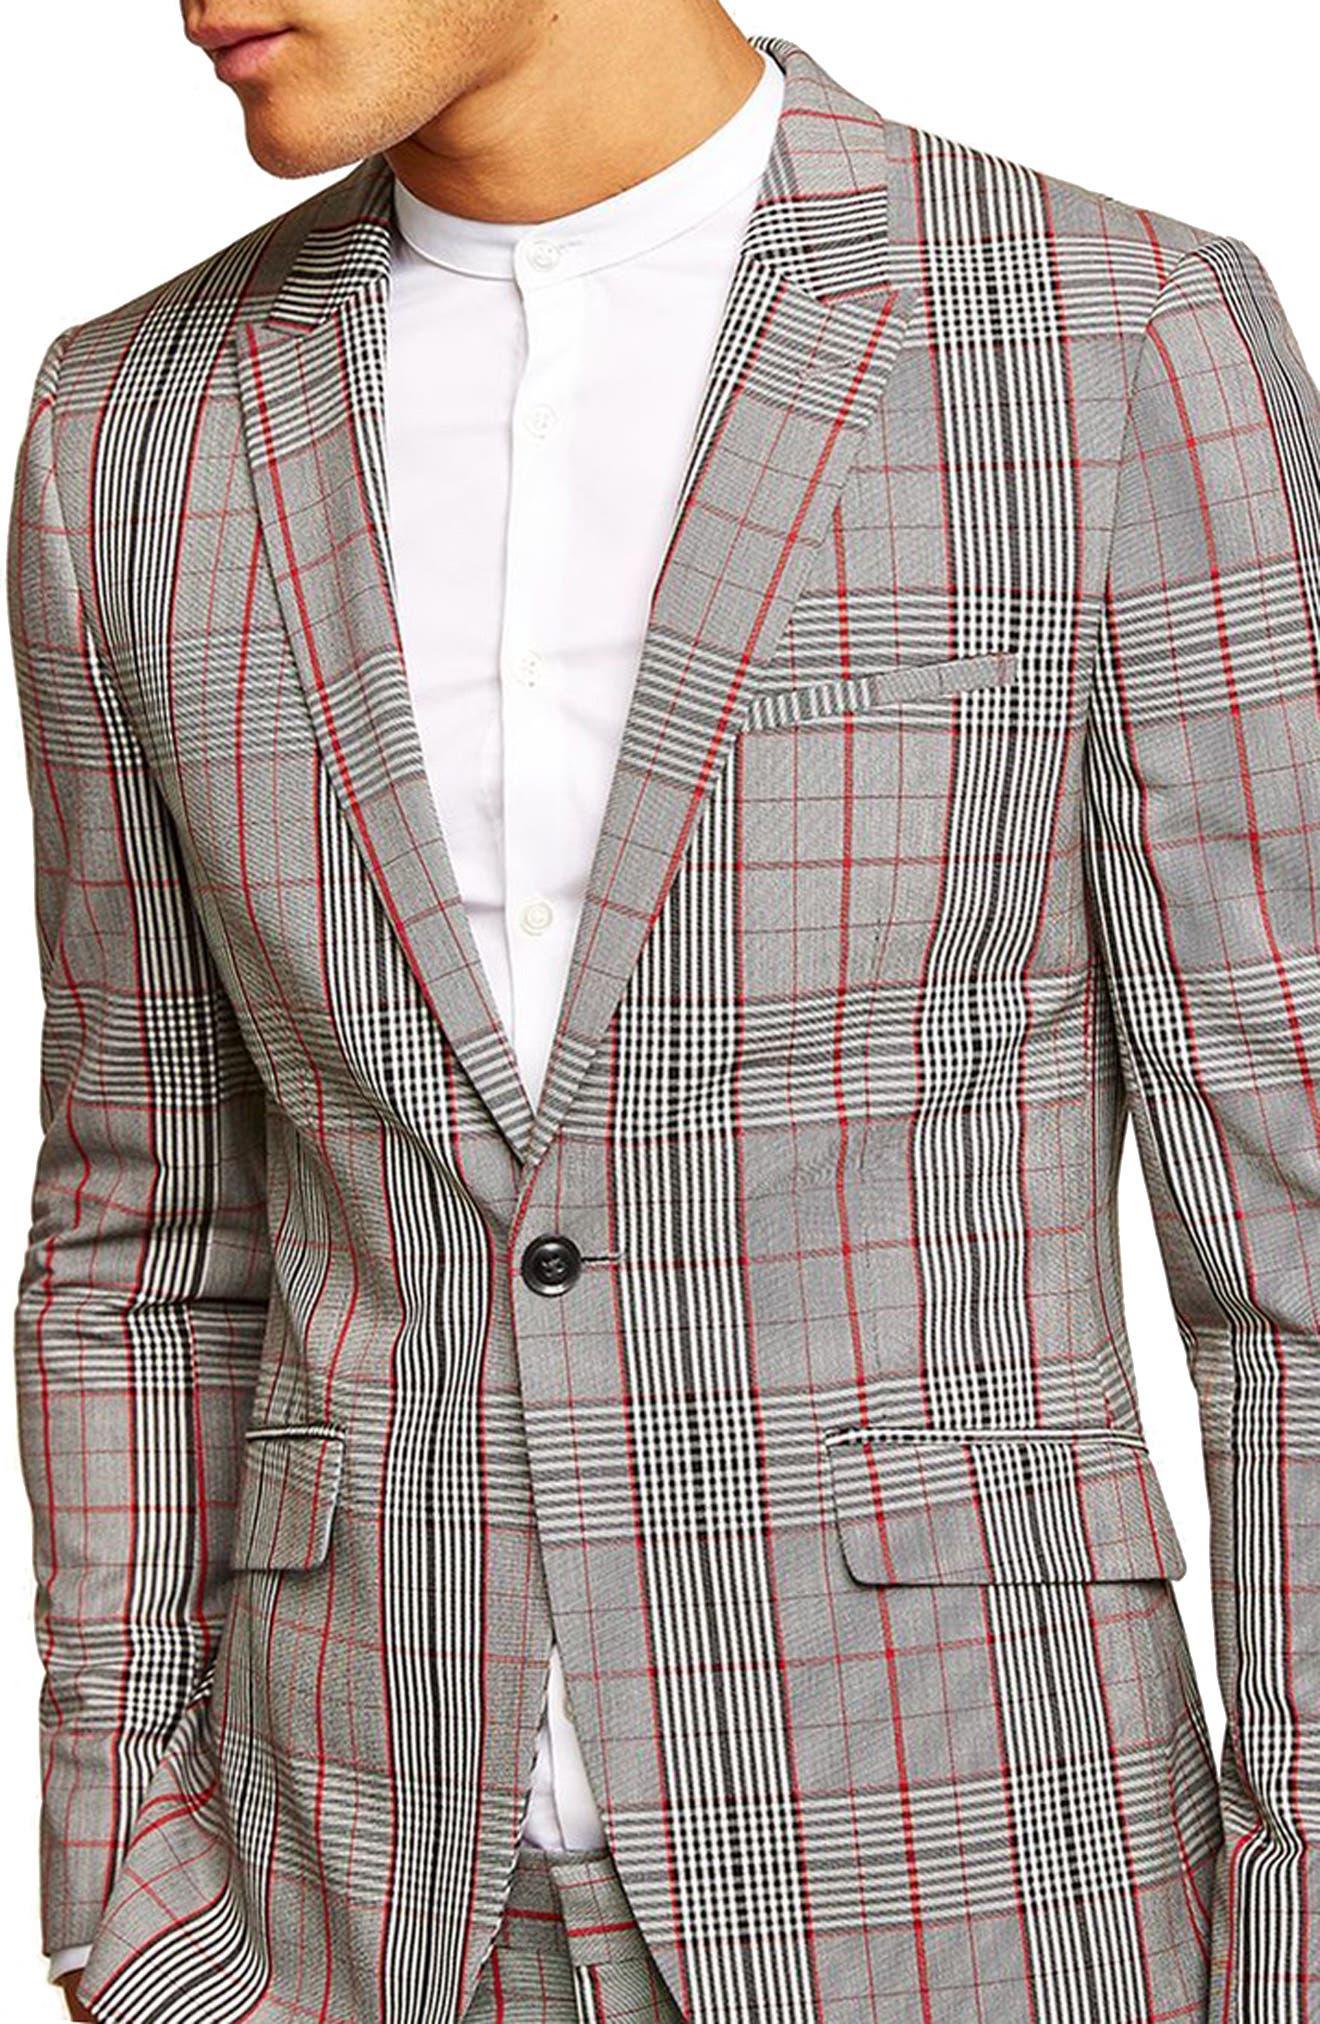 TOPMAN, Muscle Fit Check Suit Jacket, Main thumbnail 1, color, 020